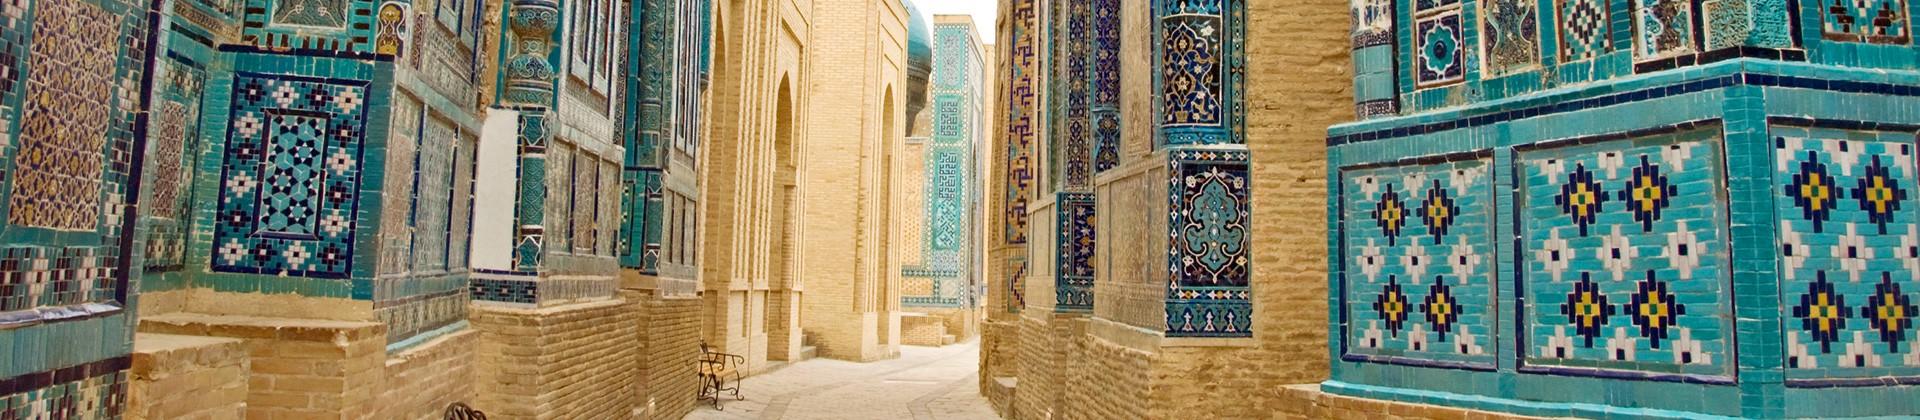 Мусульманские Святыни Узбекистана (Зиярат) - 1